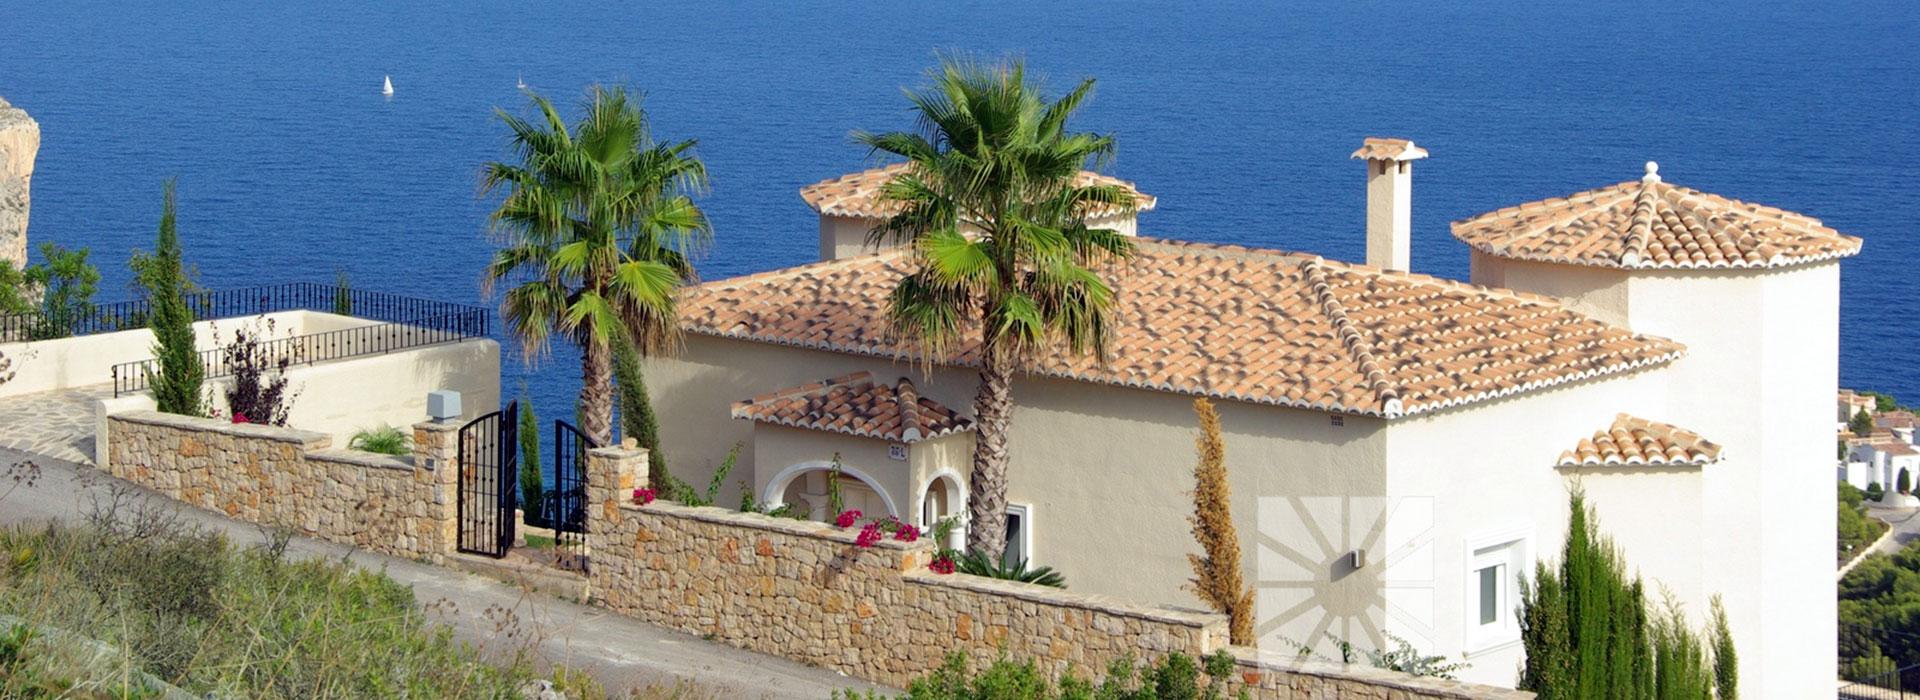 acb.immo - Villa de 3 chambres avec vue mer à Cumbre del Sol, Benitachell